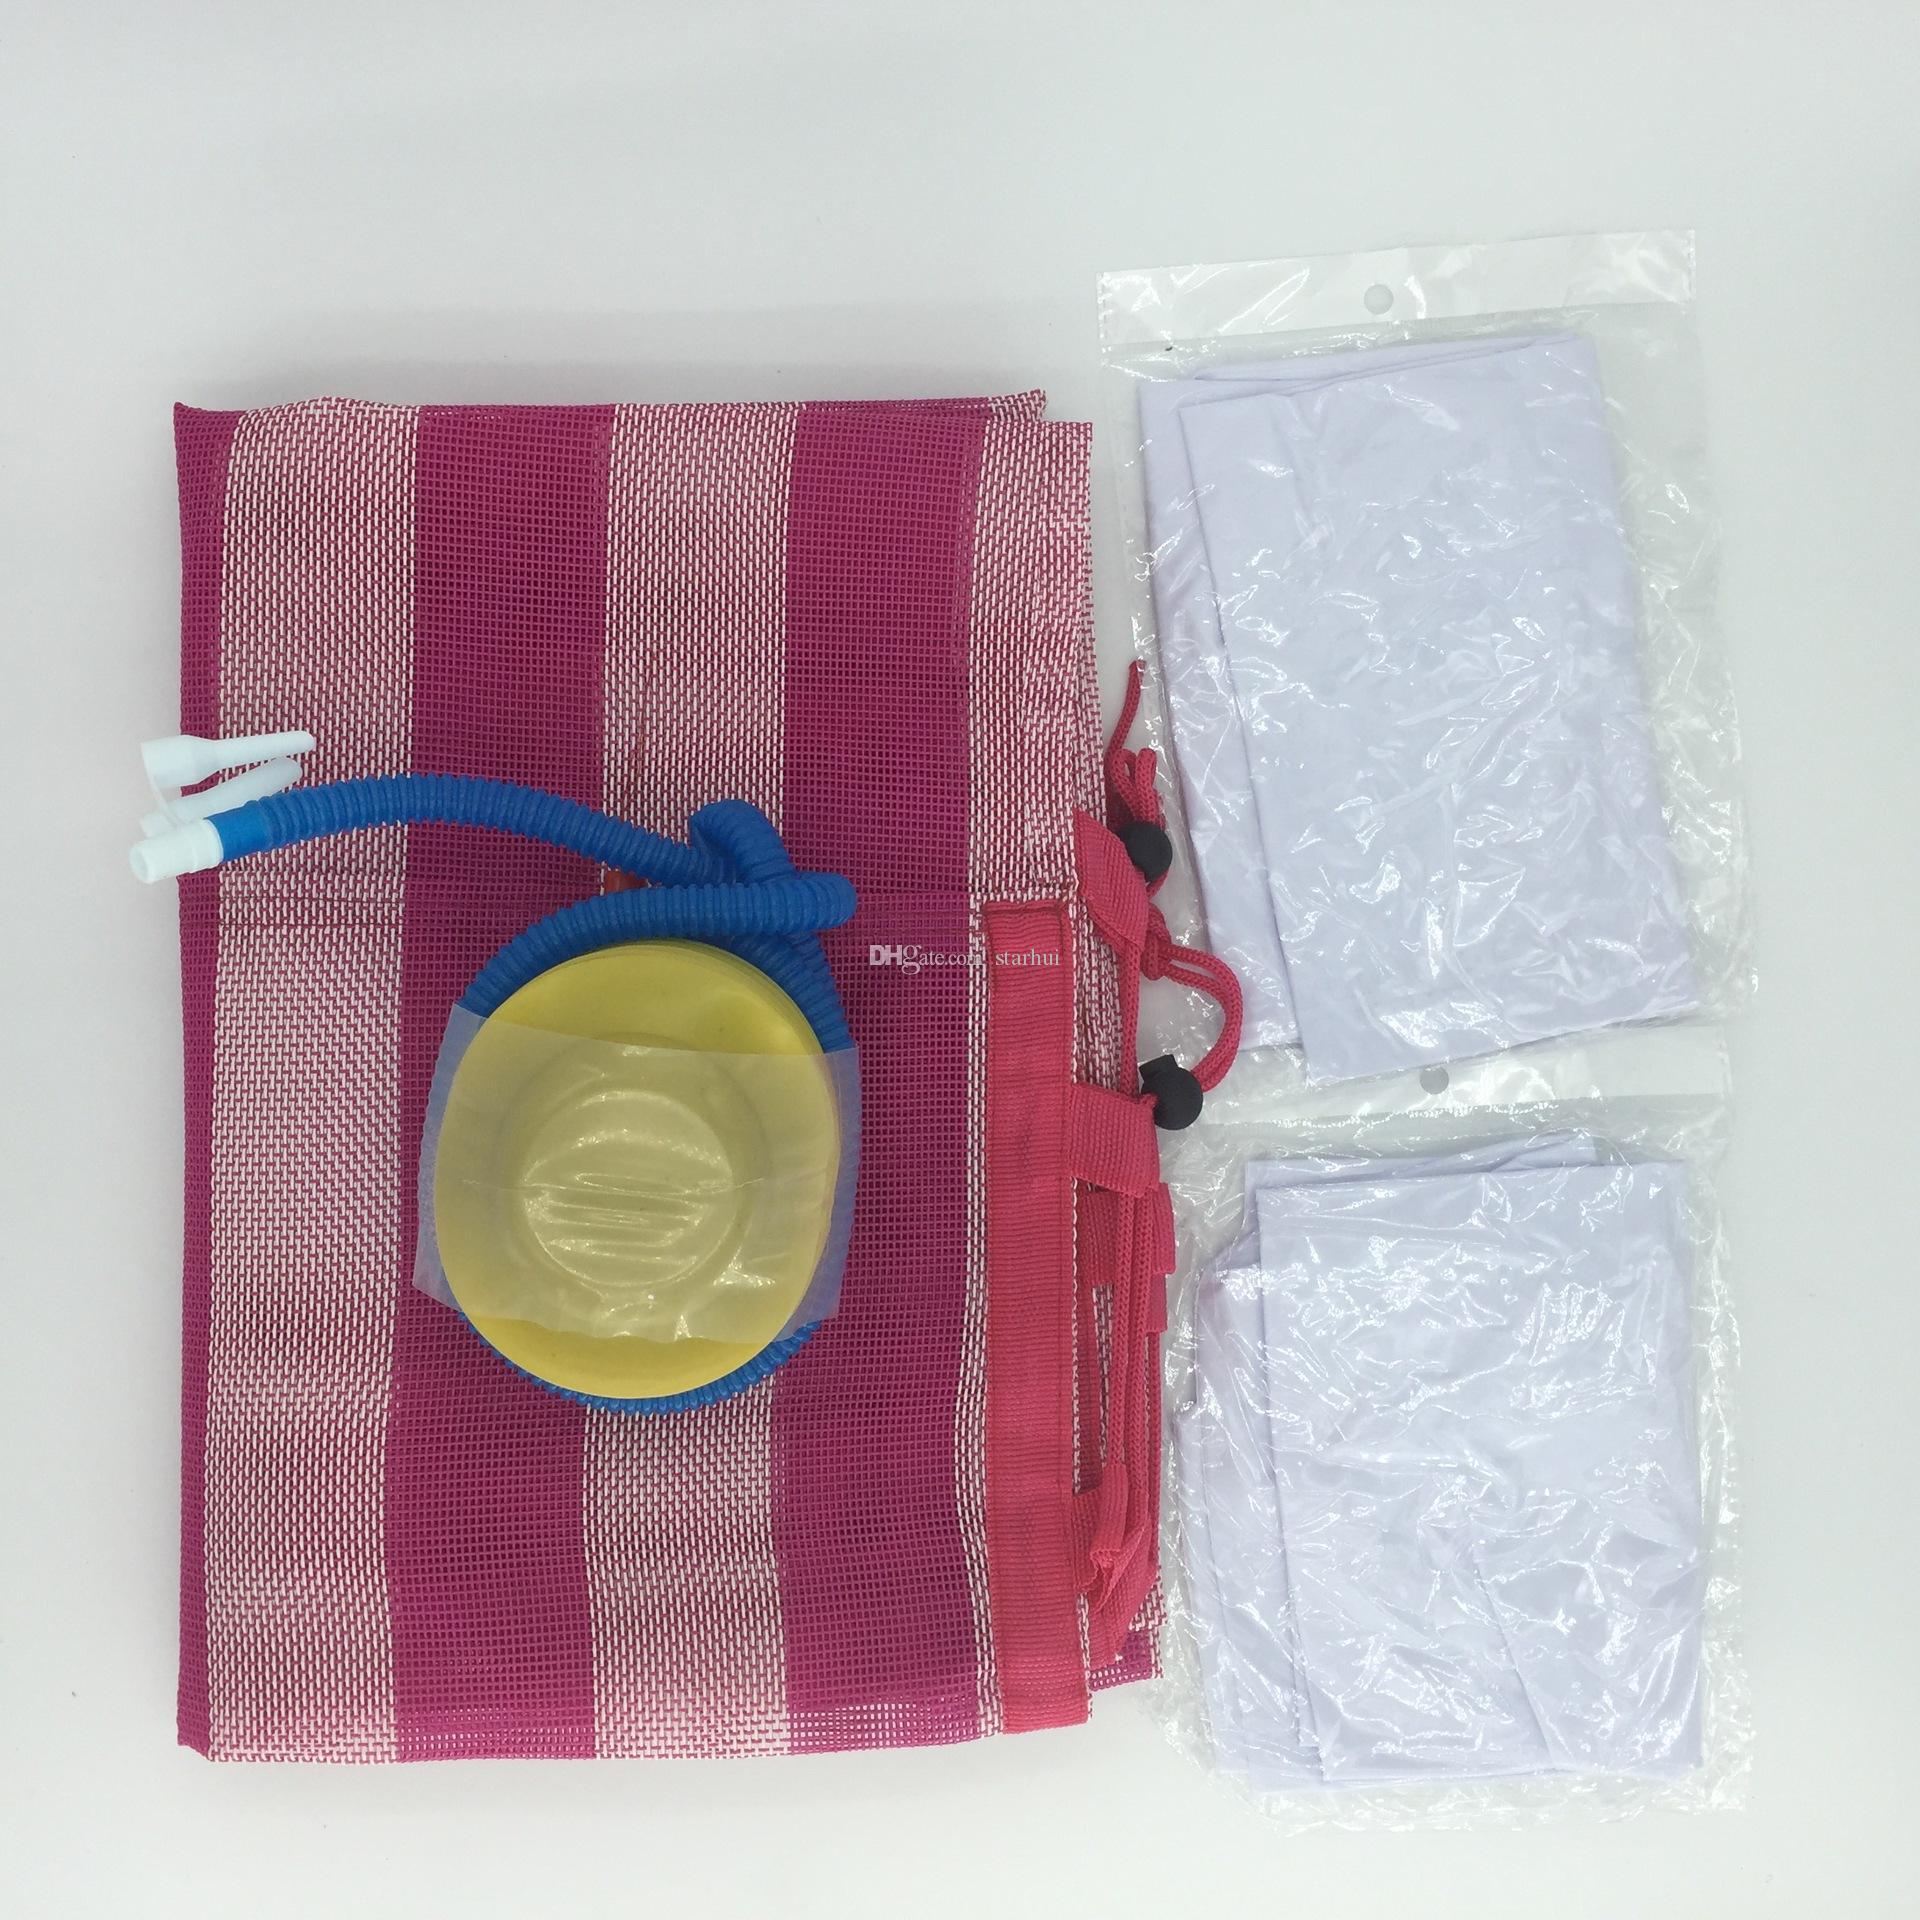 الأزياء نفخ المياه العائمة أرجوحة حمامات السباحة سباحة السرير كرسي للعب الشاطئ أداة 70 * 132 سنتيمتر WX9-591